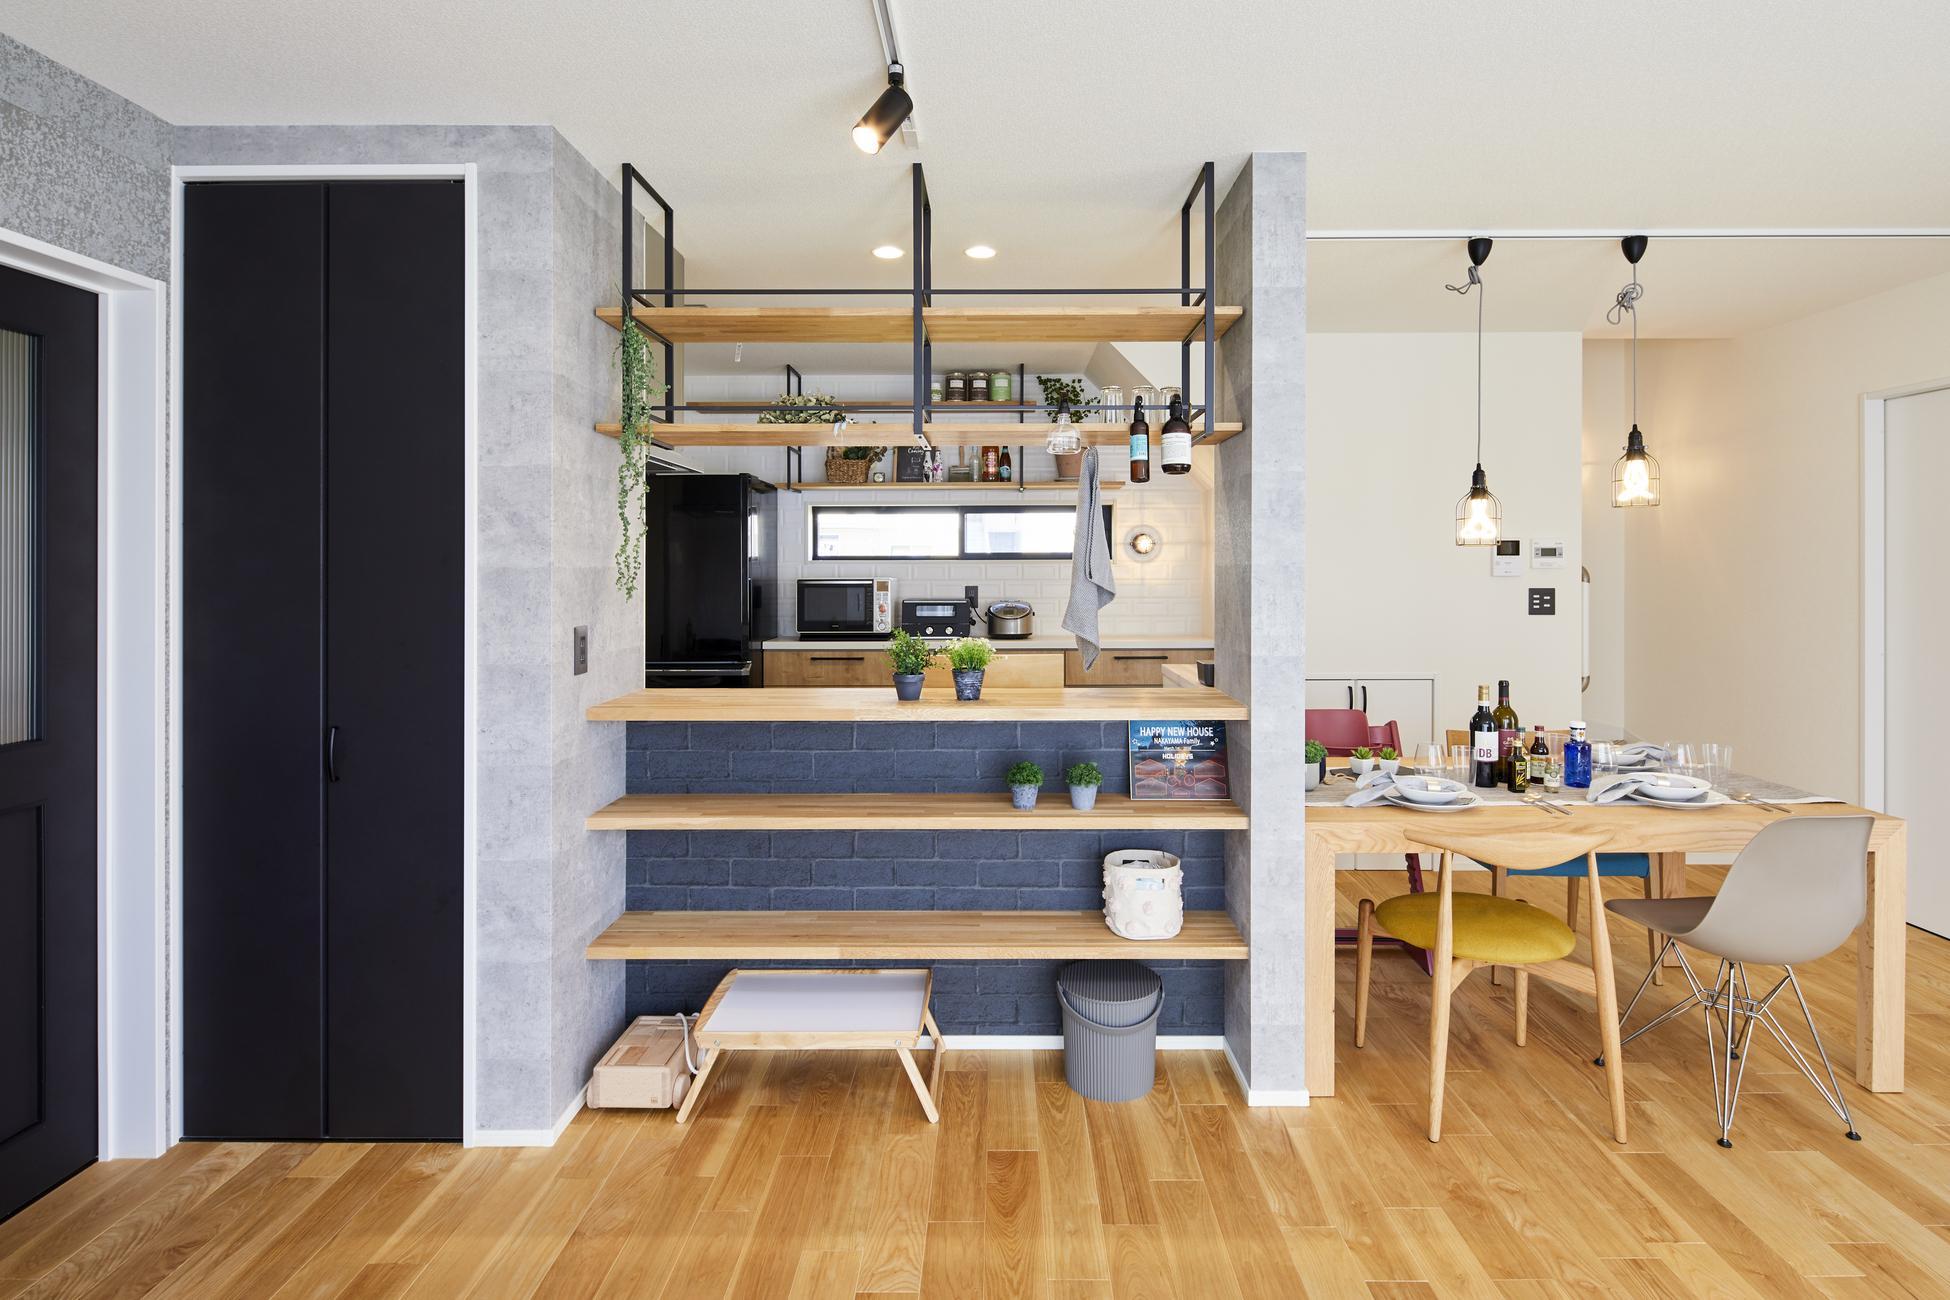 インダストリアルなカフェを イメージしたキッチン